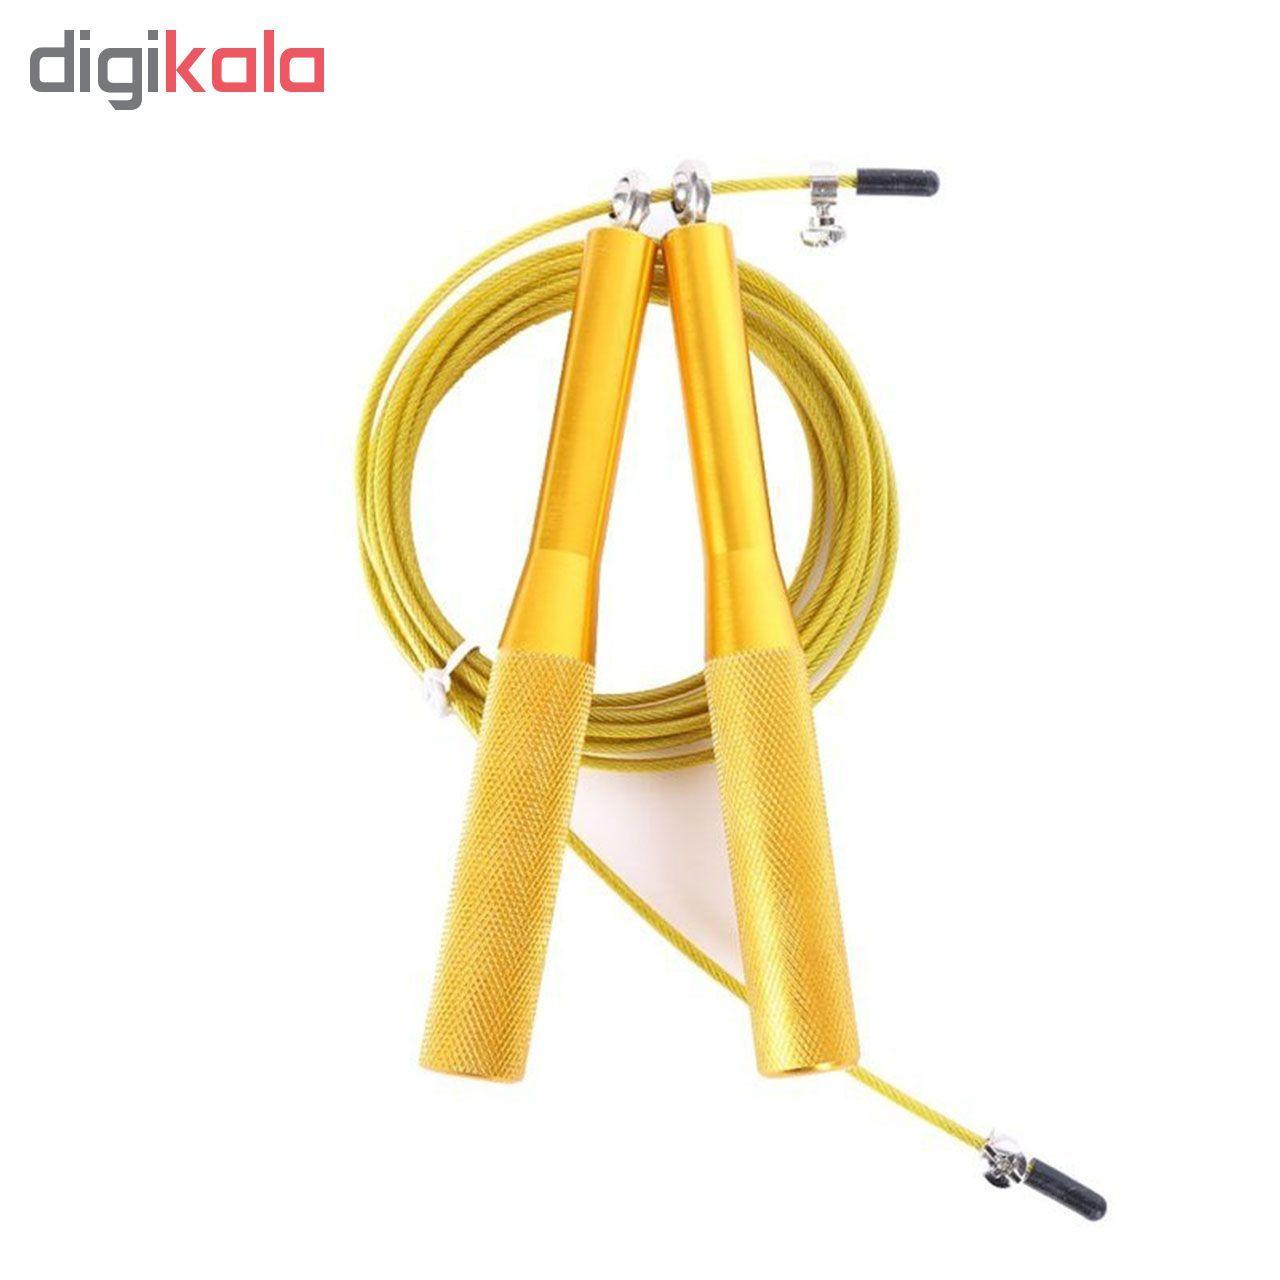 طناب ورزشی کراس فیت مدل 7 Speed Rope Fitness به همراه دستبند پاور بالانس main 1 5